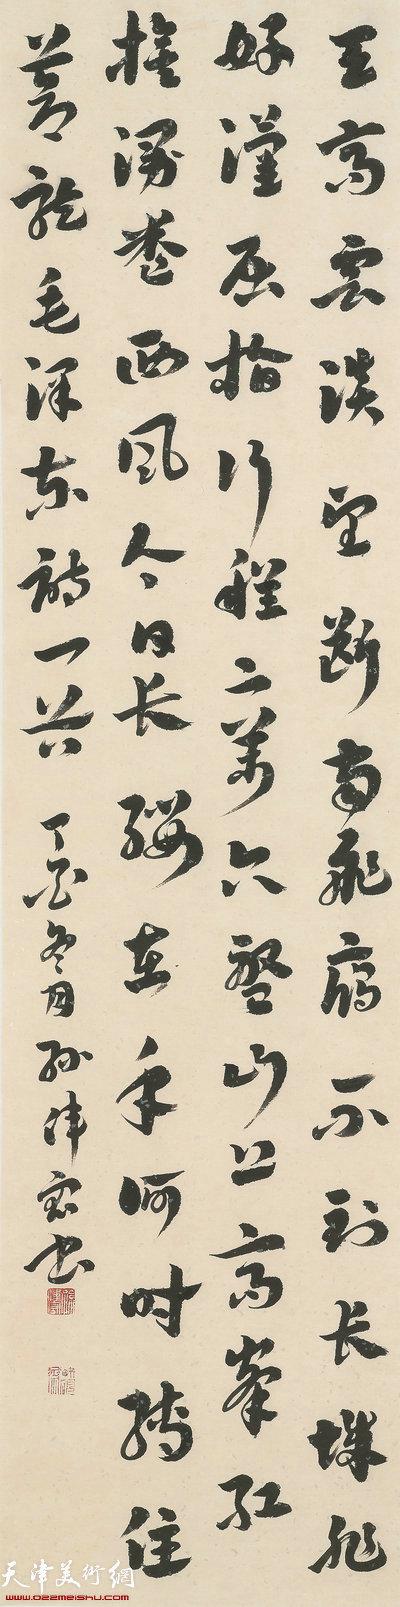 孙伟宏书法:清平乐 六盘山